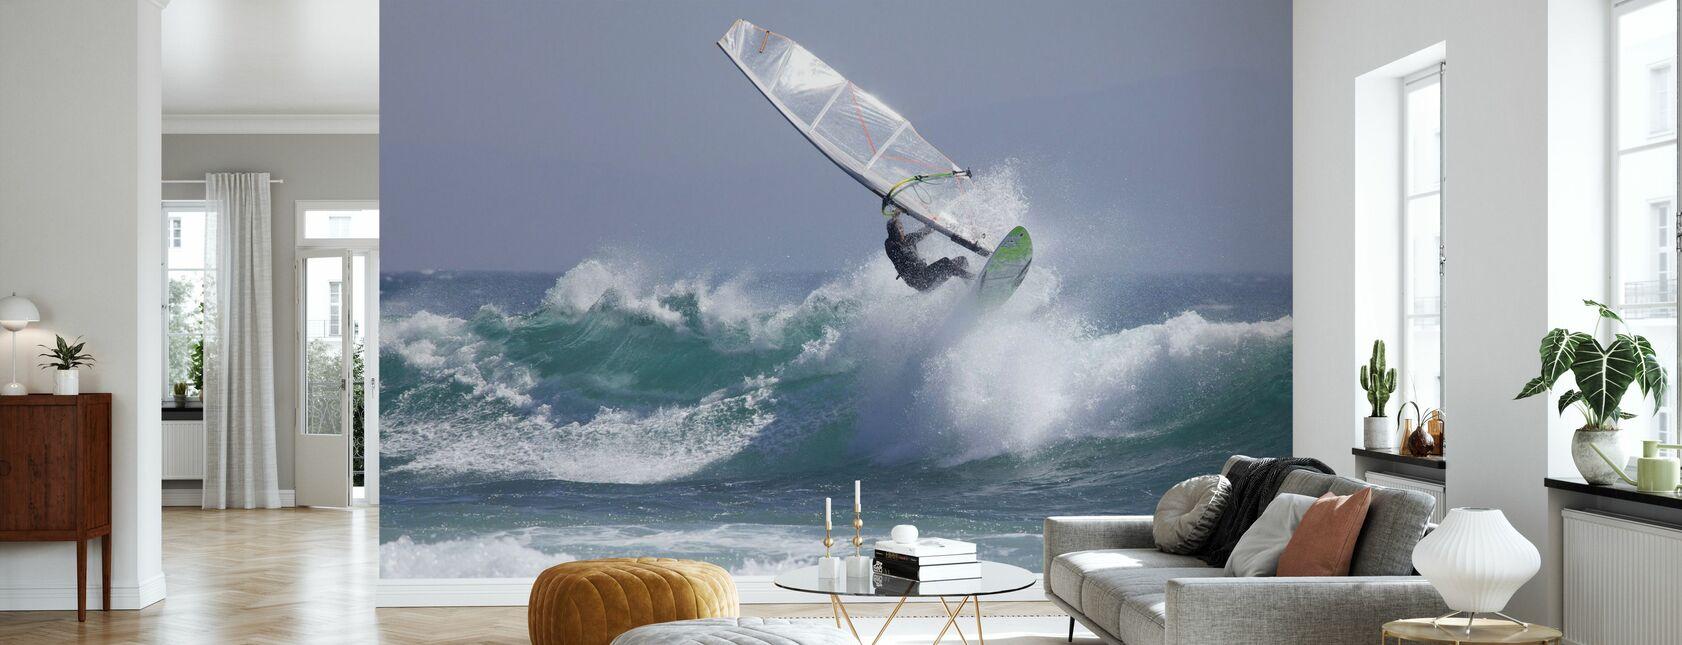 Windsurfen - Tapete - Wohnzimmer